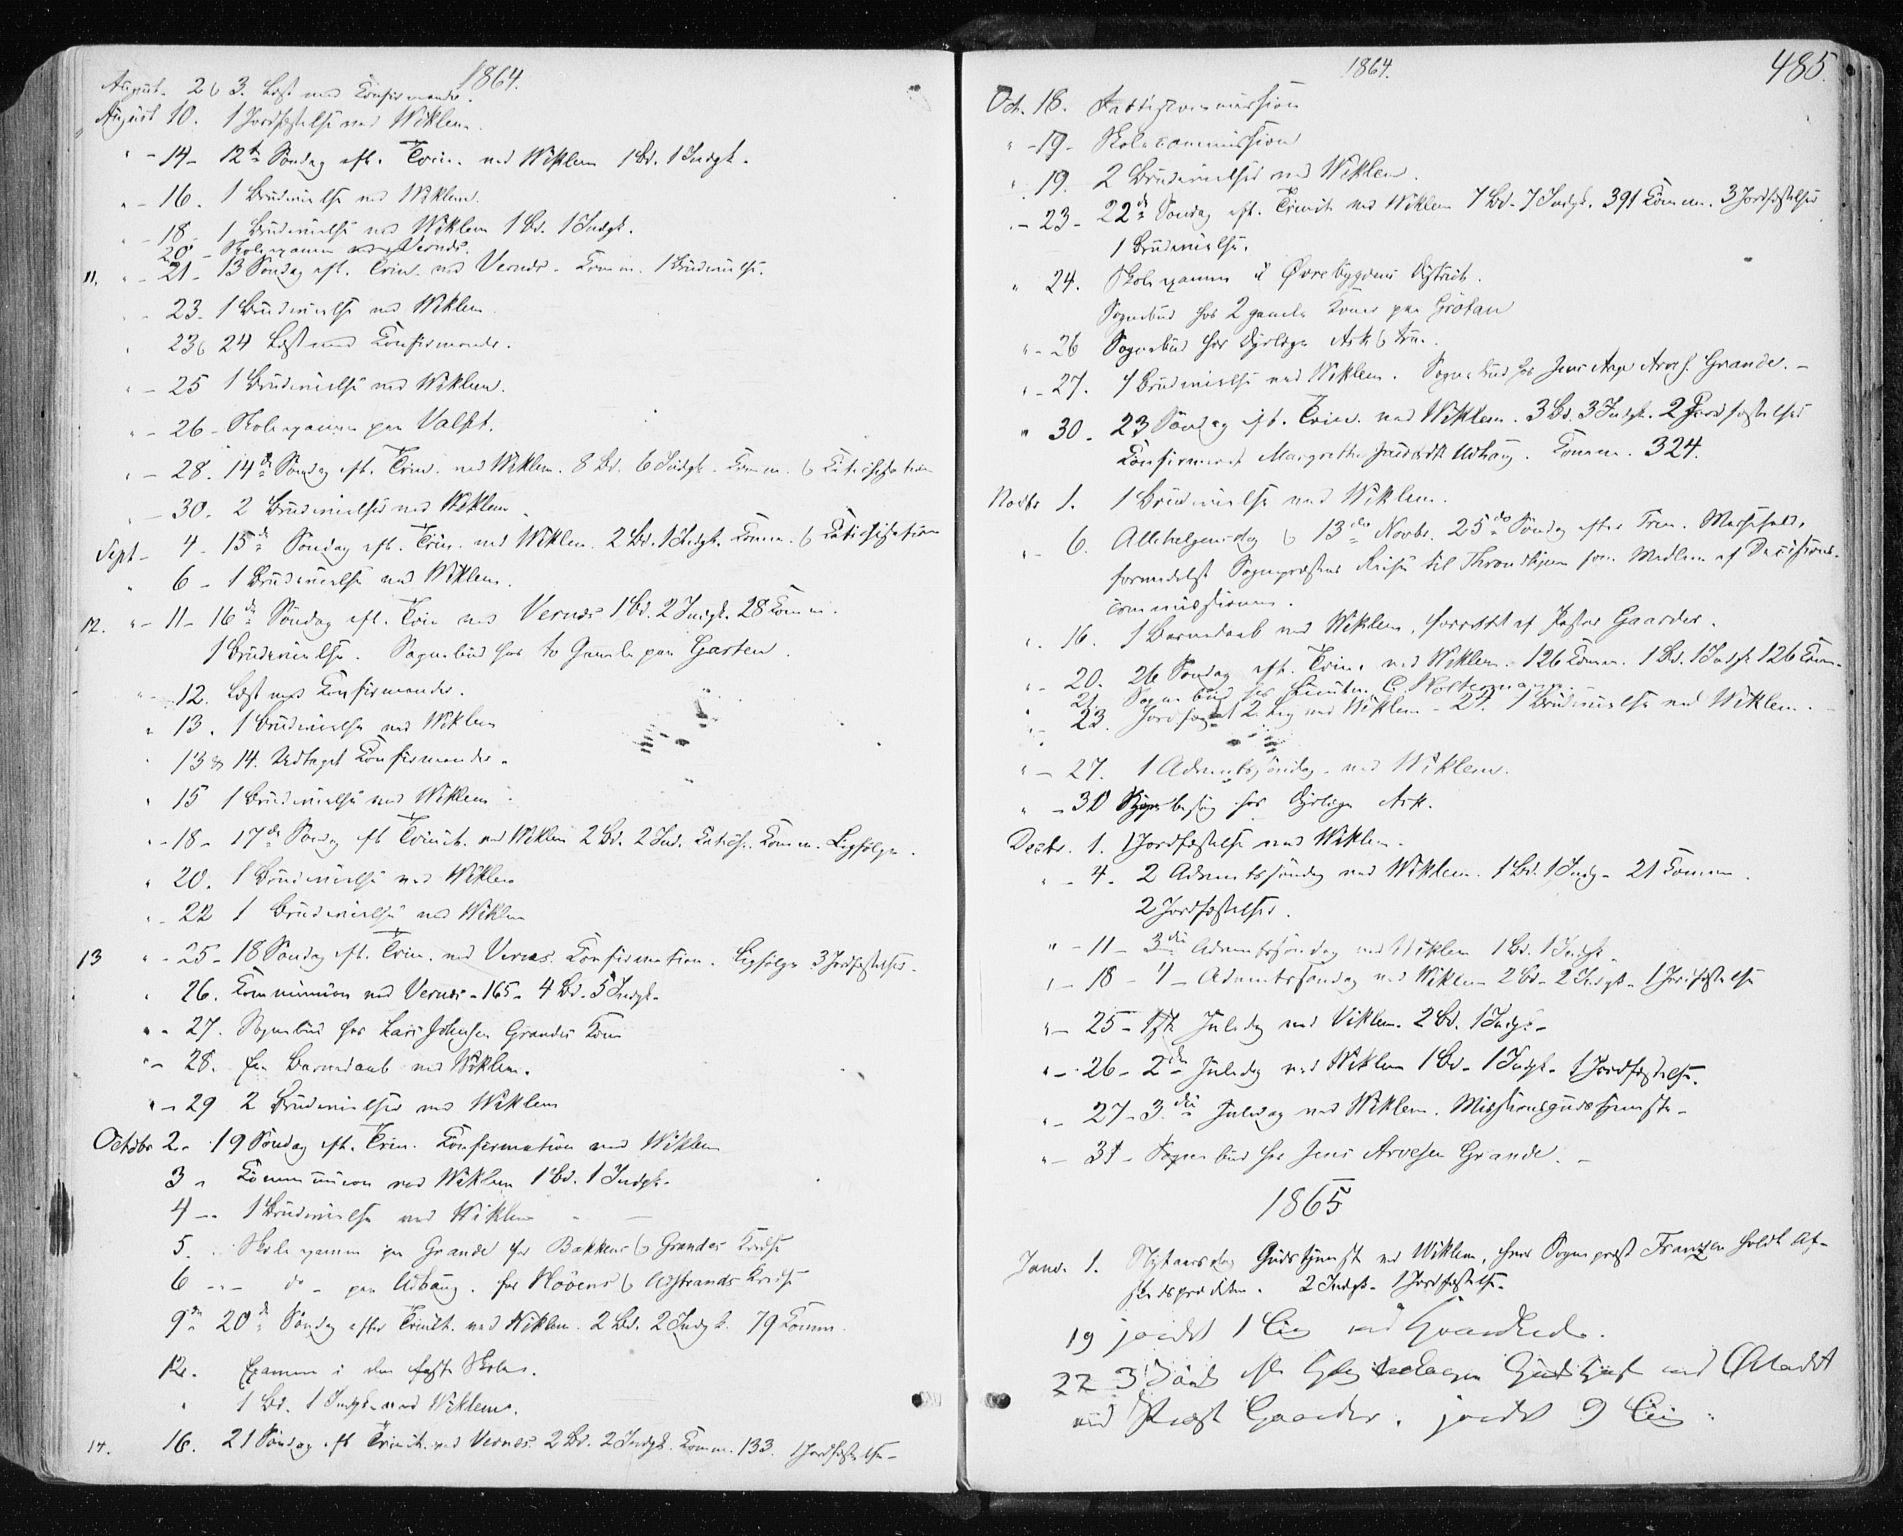 SAT, Ministerialprotokoller, klokkerbøker og fødselsregistre - Sør-Trøndelag, 659/L0737: Ministerialbok nr. 659A07, 1857-1875, s. 485